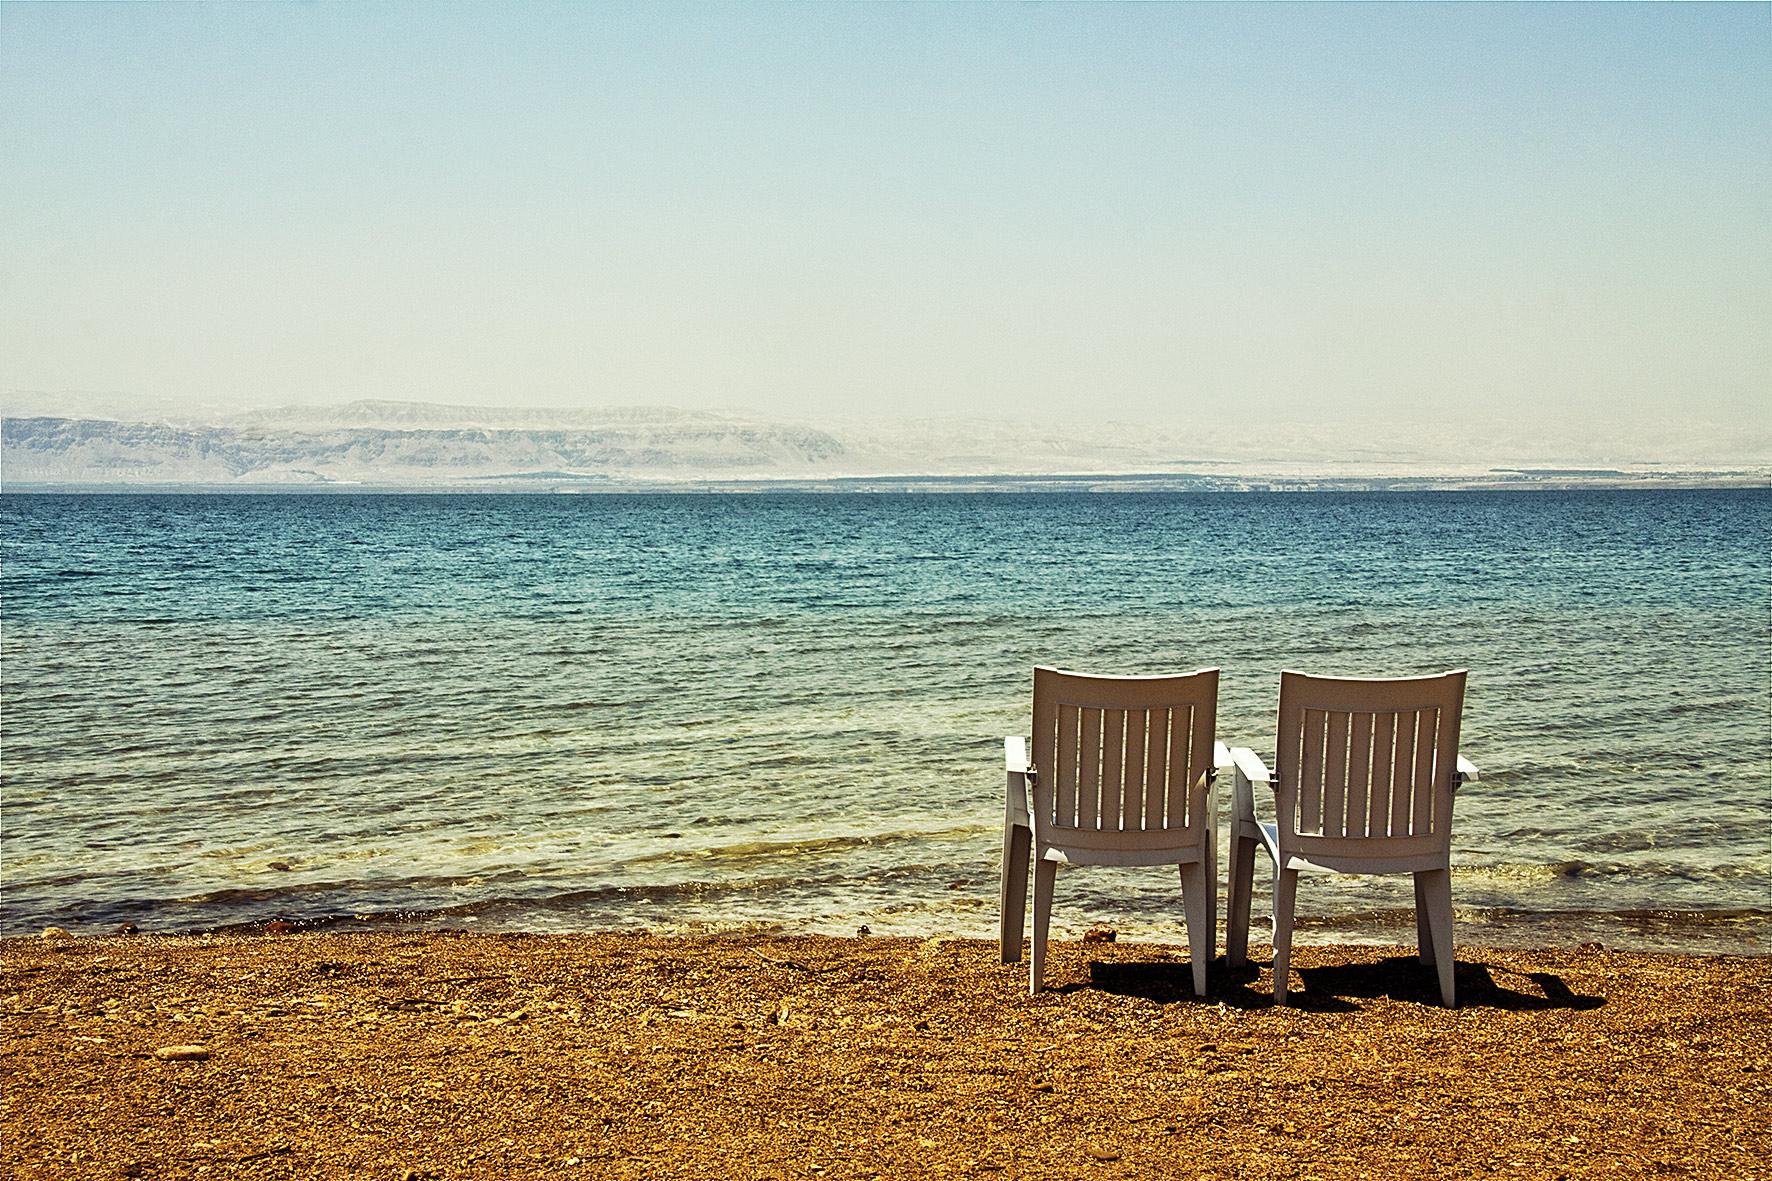 Jordanie, Dead Sea. 2010